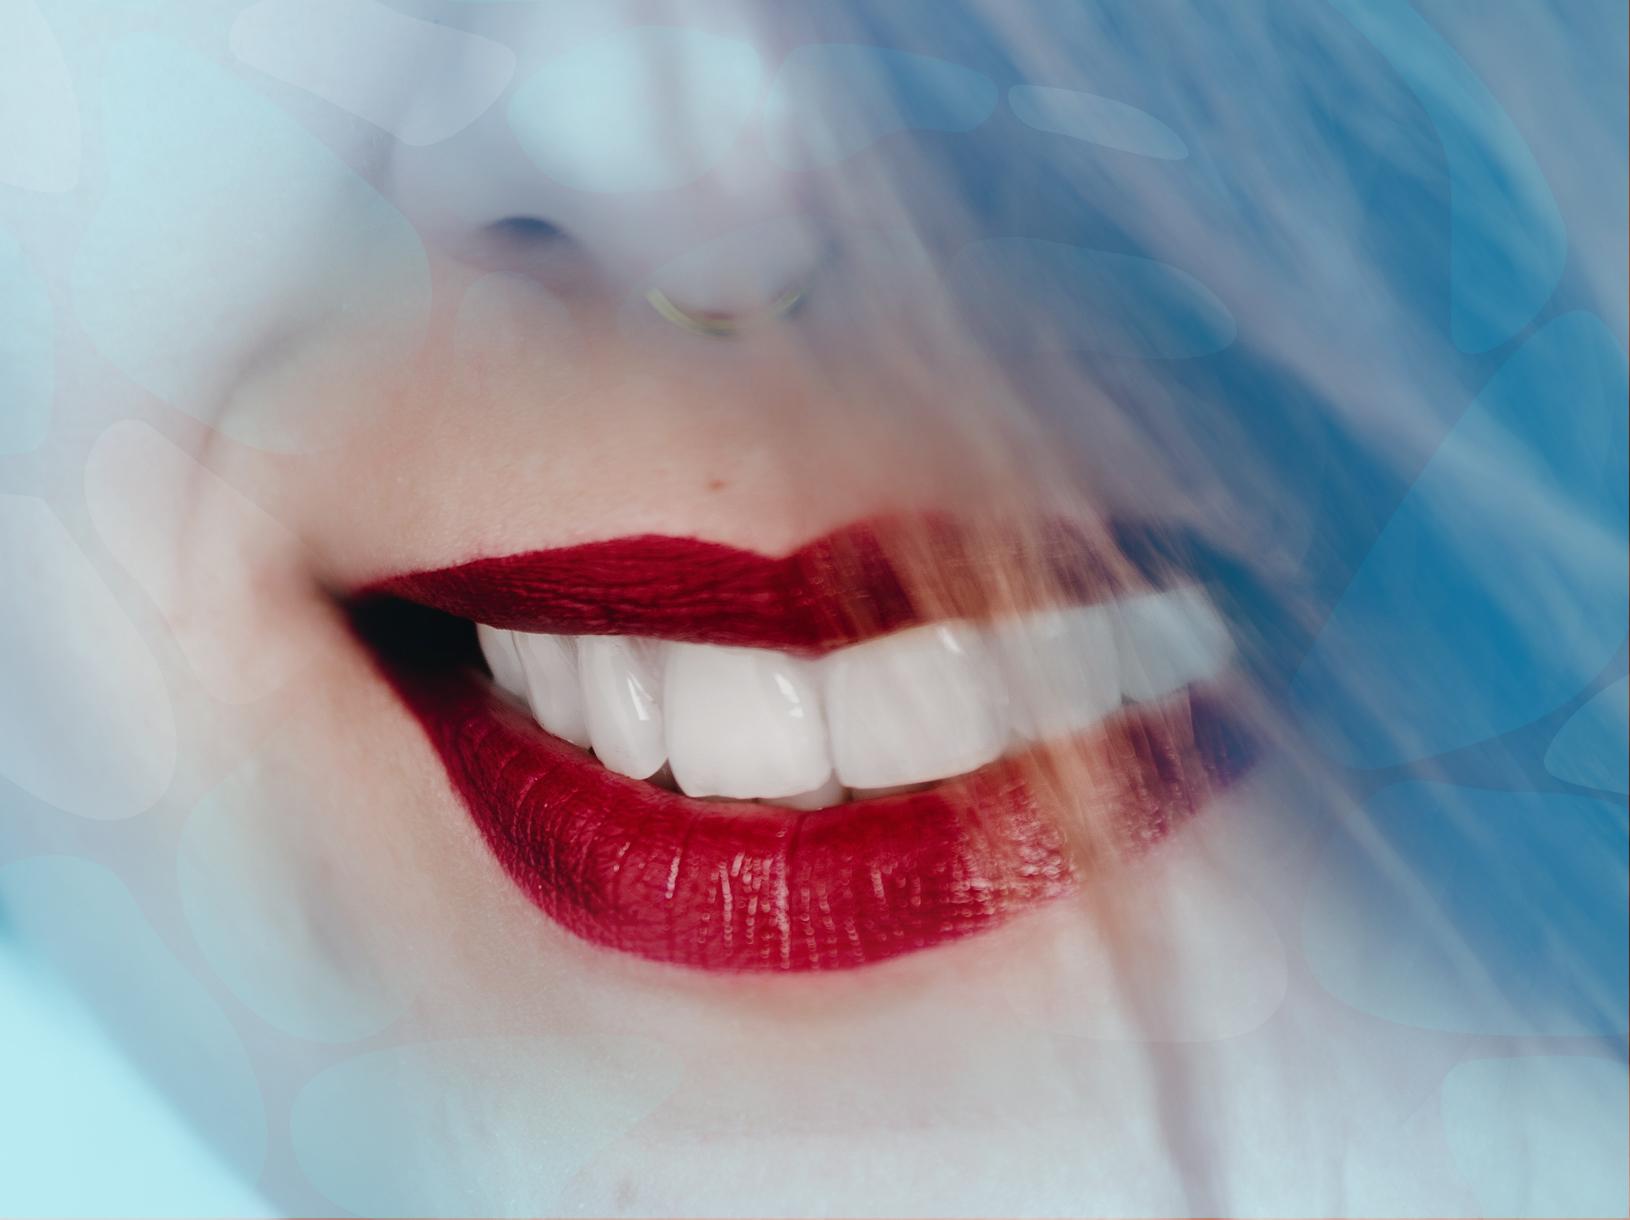 Facetas de Porcelana e Lentes de Contato Dentais